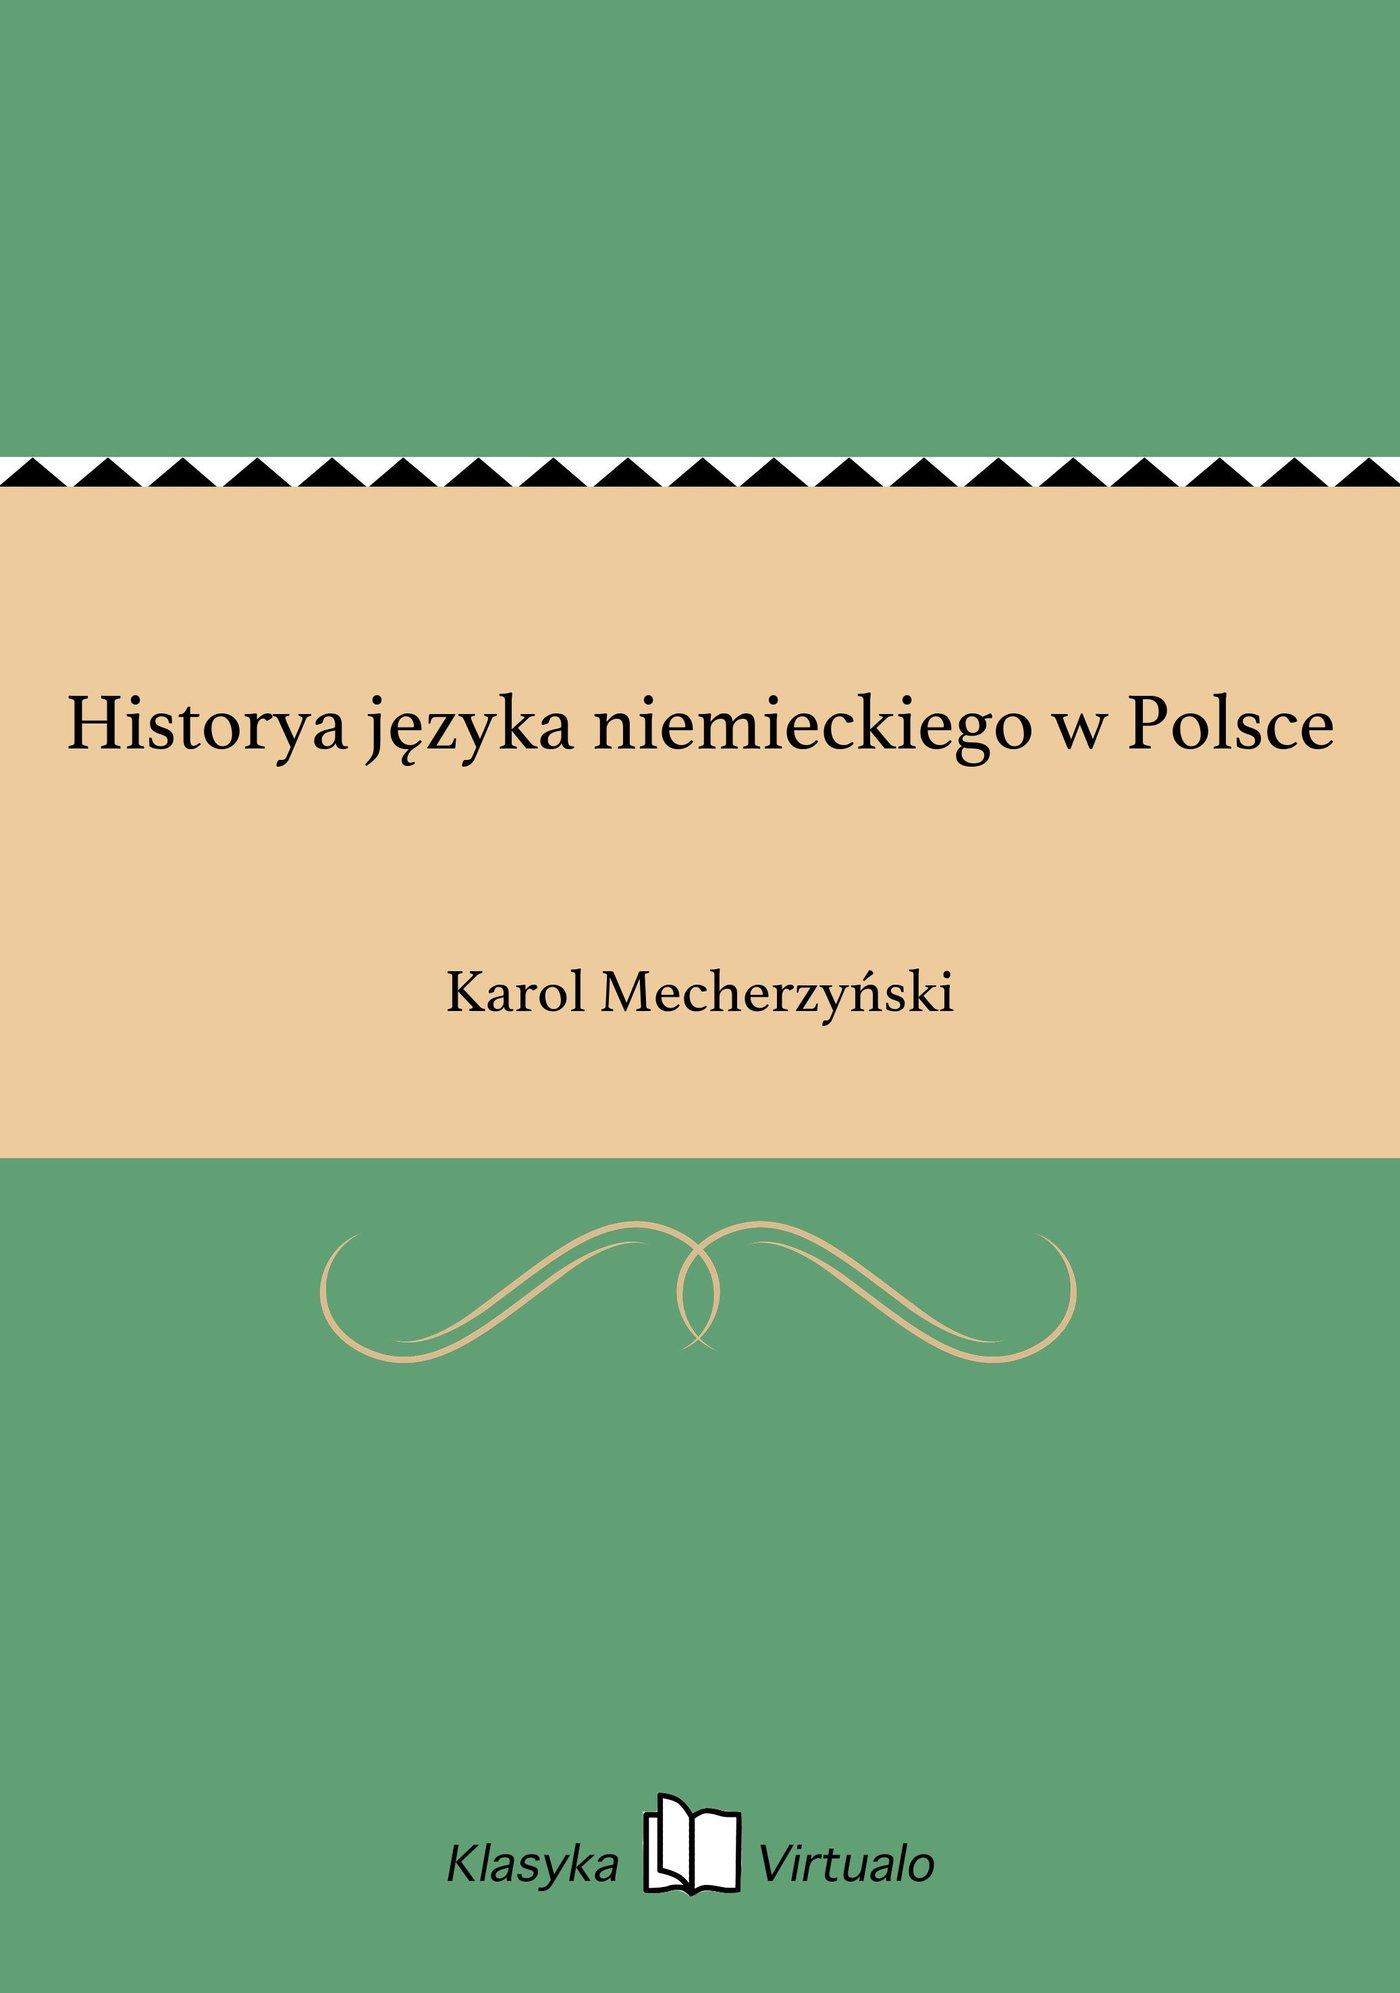 Historya języka niemieckiego w Polsce - Ebook (Książka EPUB) do pobrania w formacie EPUB